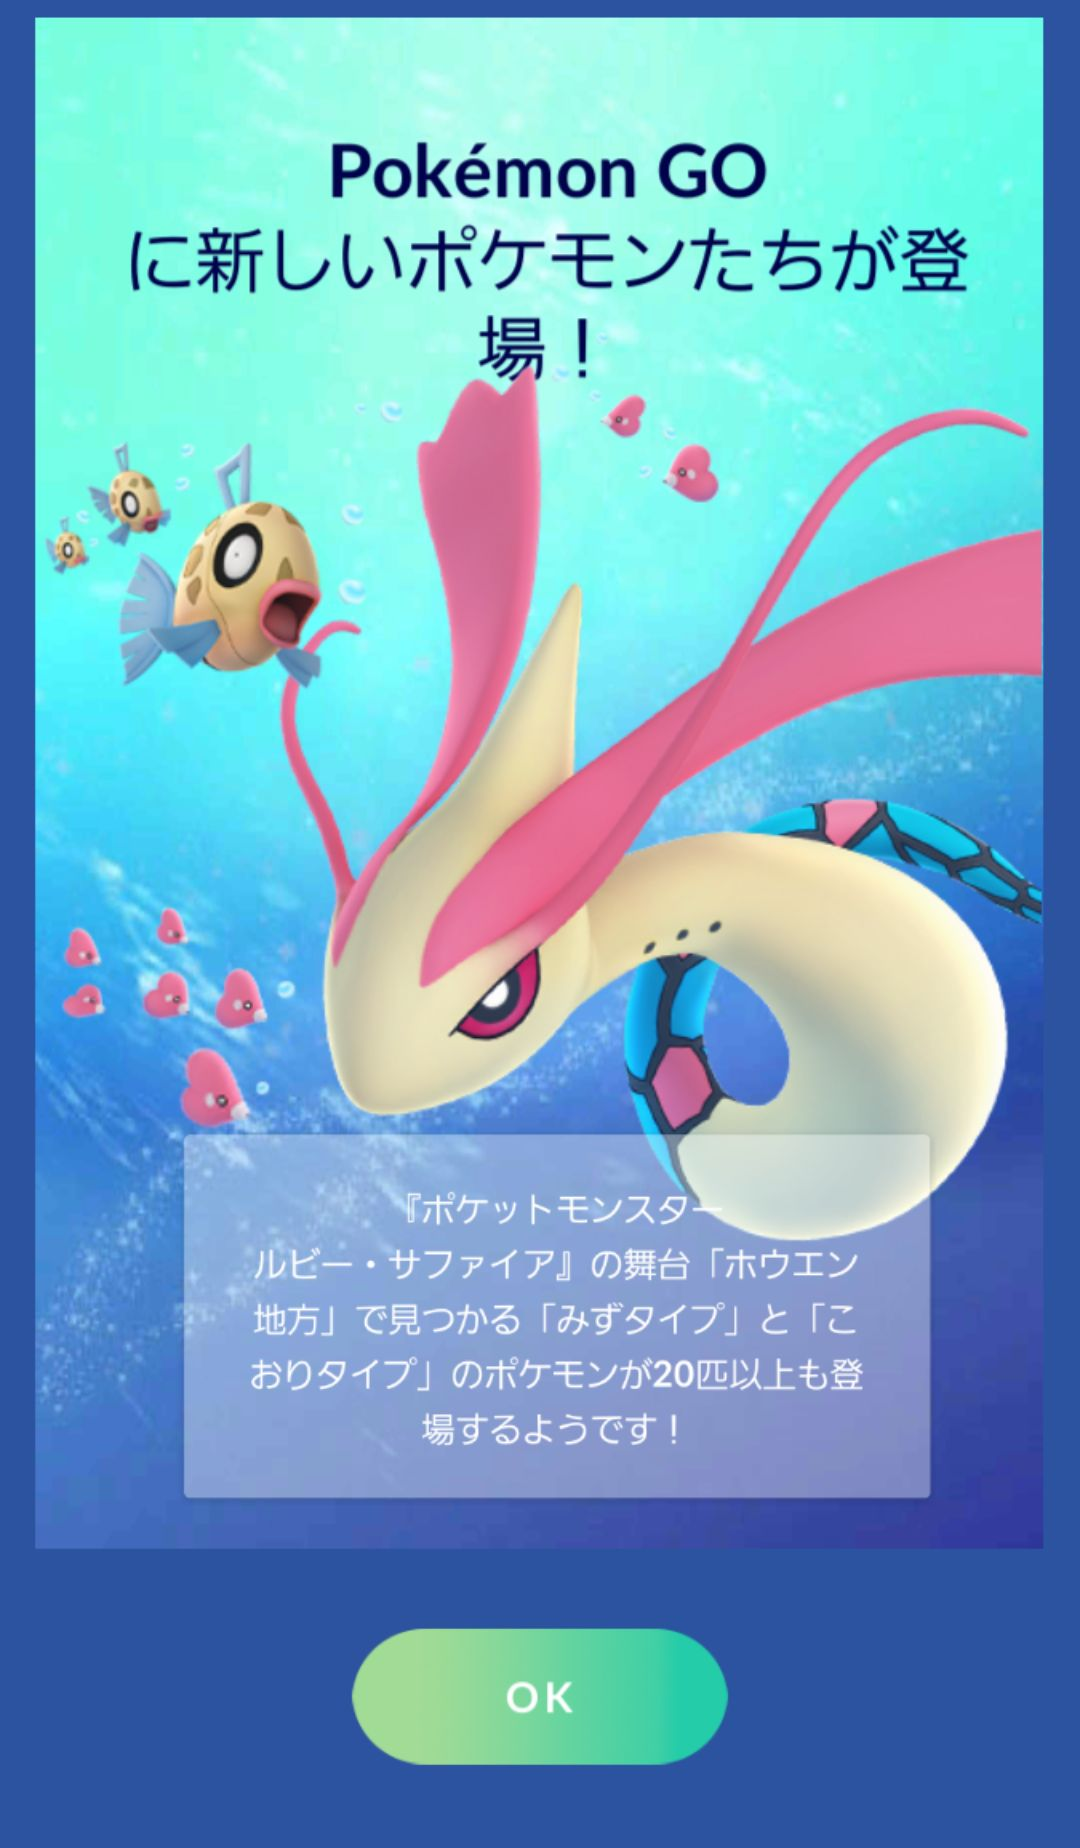 ポケモンgo』に「みず・こおり」タイプの新ポケモンが追加!サンタ